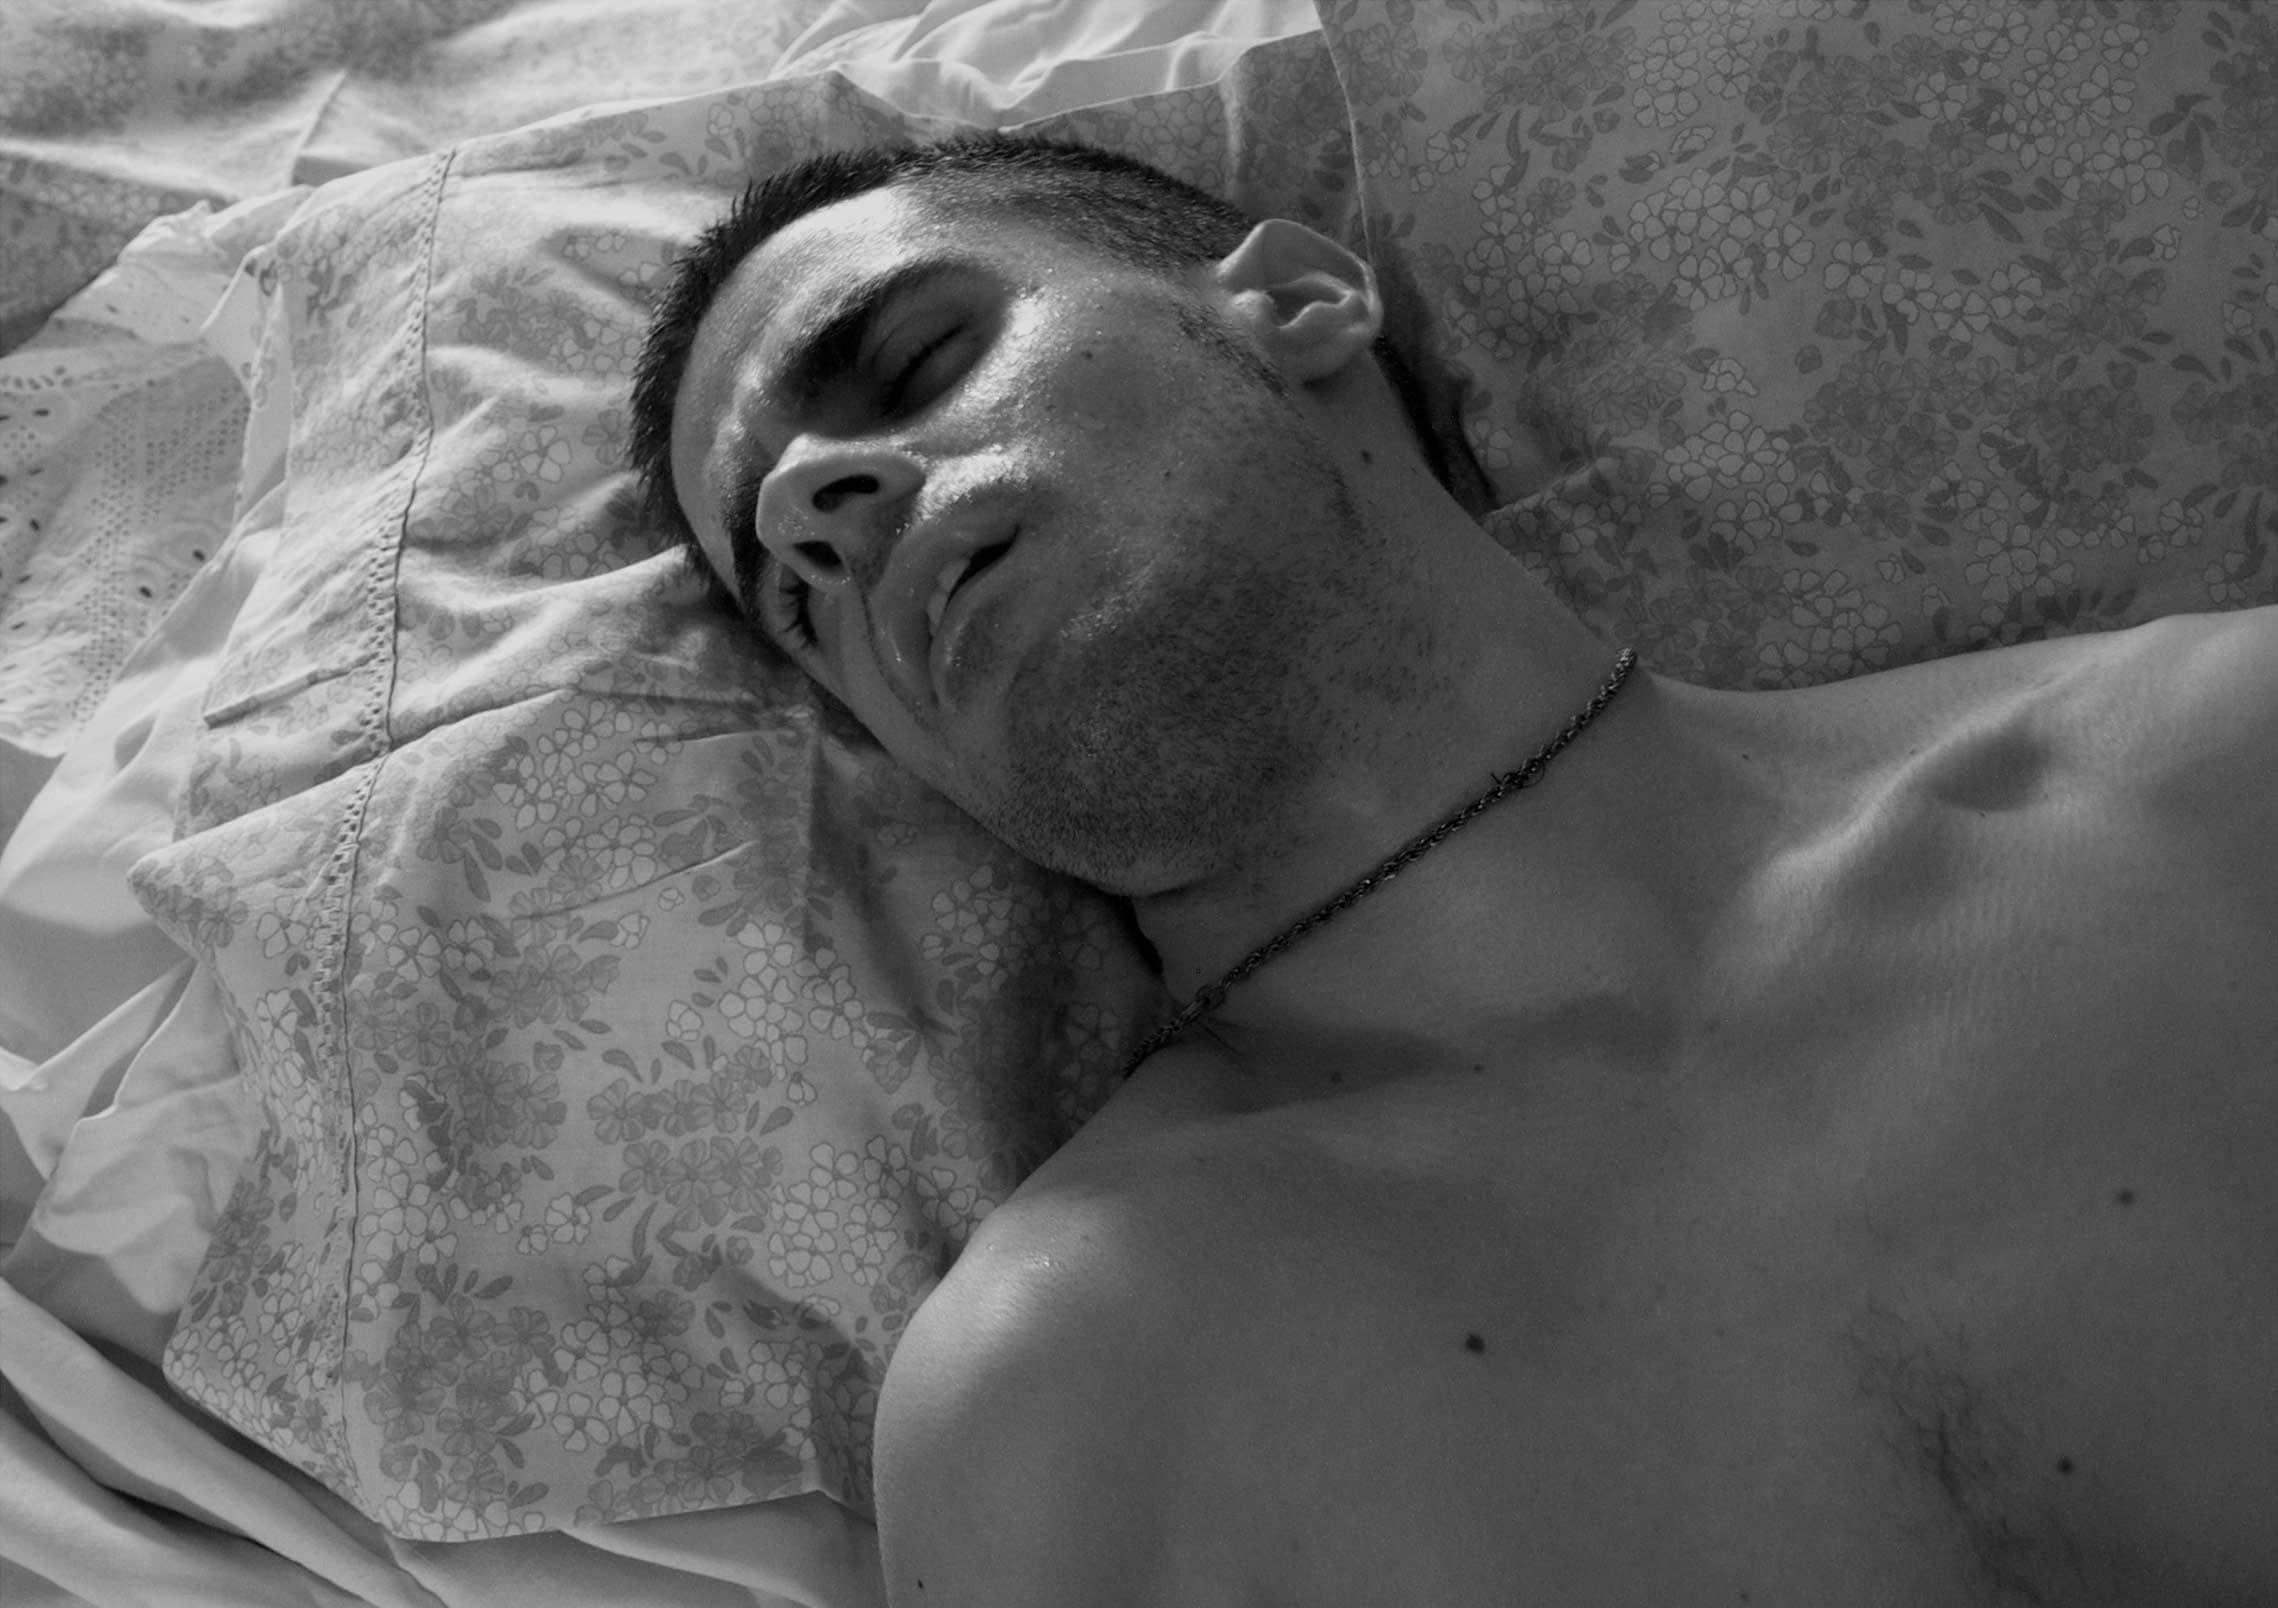 Können Frauen im betrunkenen Zustand einen Orgasmus haben?